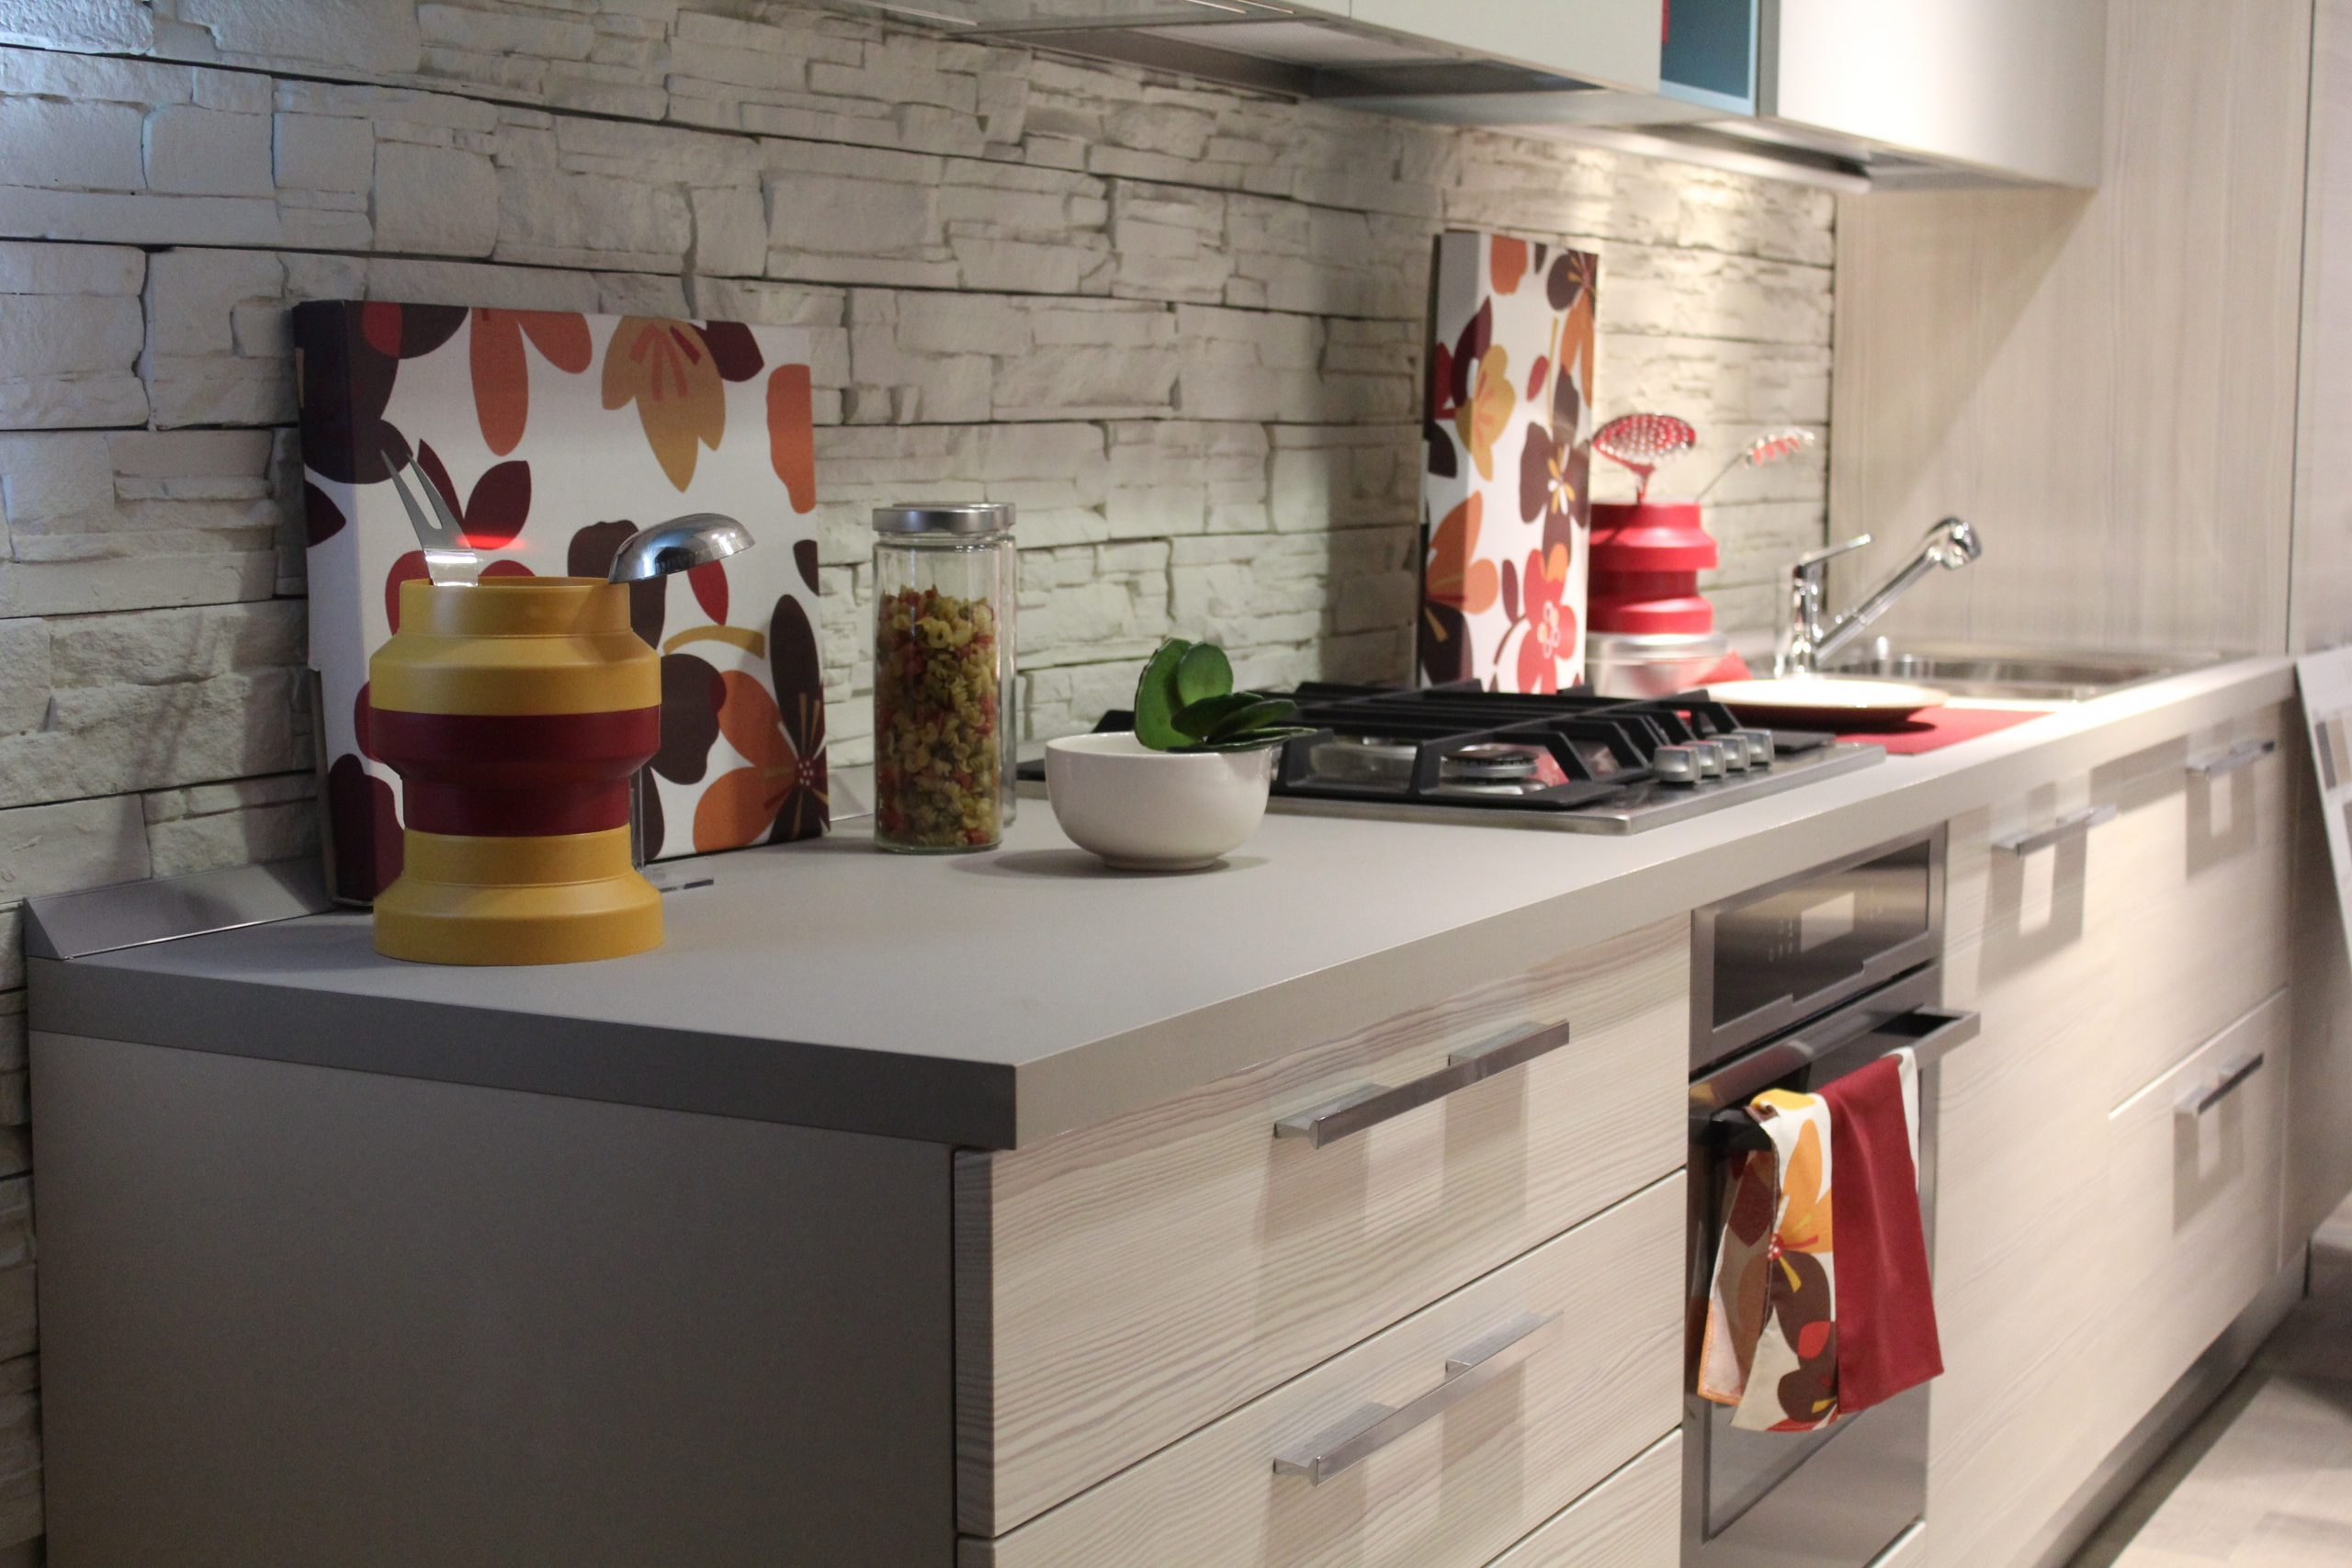 Full Size of Küchenrückwand Ideen Wie Gestalte Ich Meine Kchenrckwand Baylango Kchen Blog Bad Renovieren Wohnzimmer Tapeten Wohnzimmer Küchenrückwand Ideen